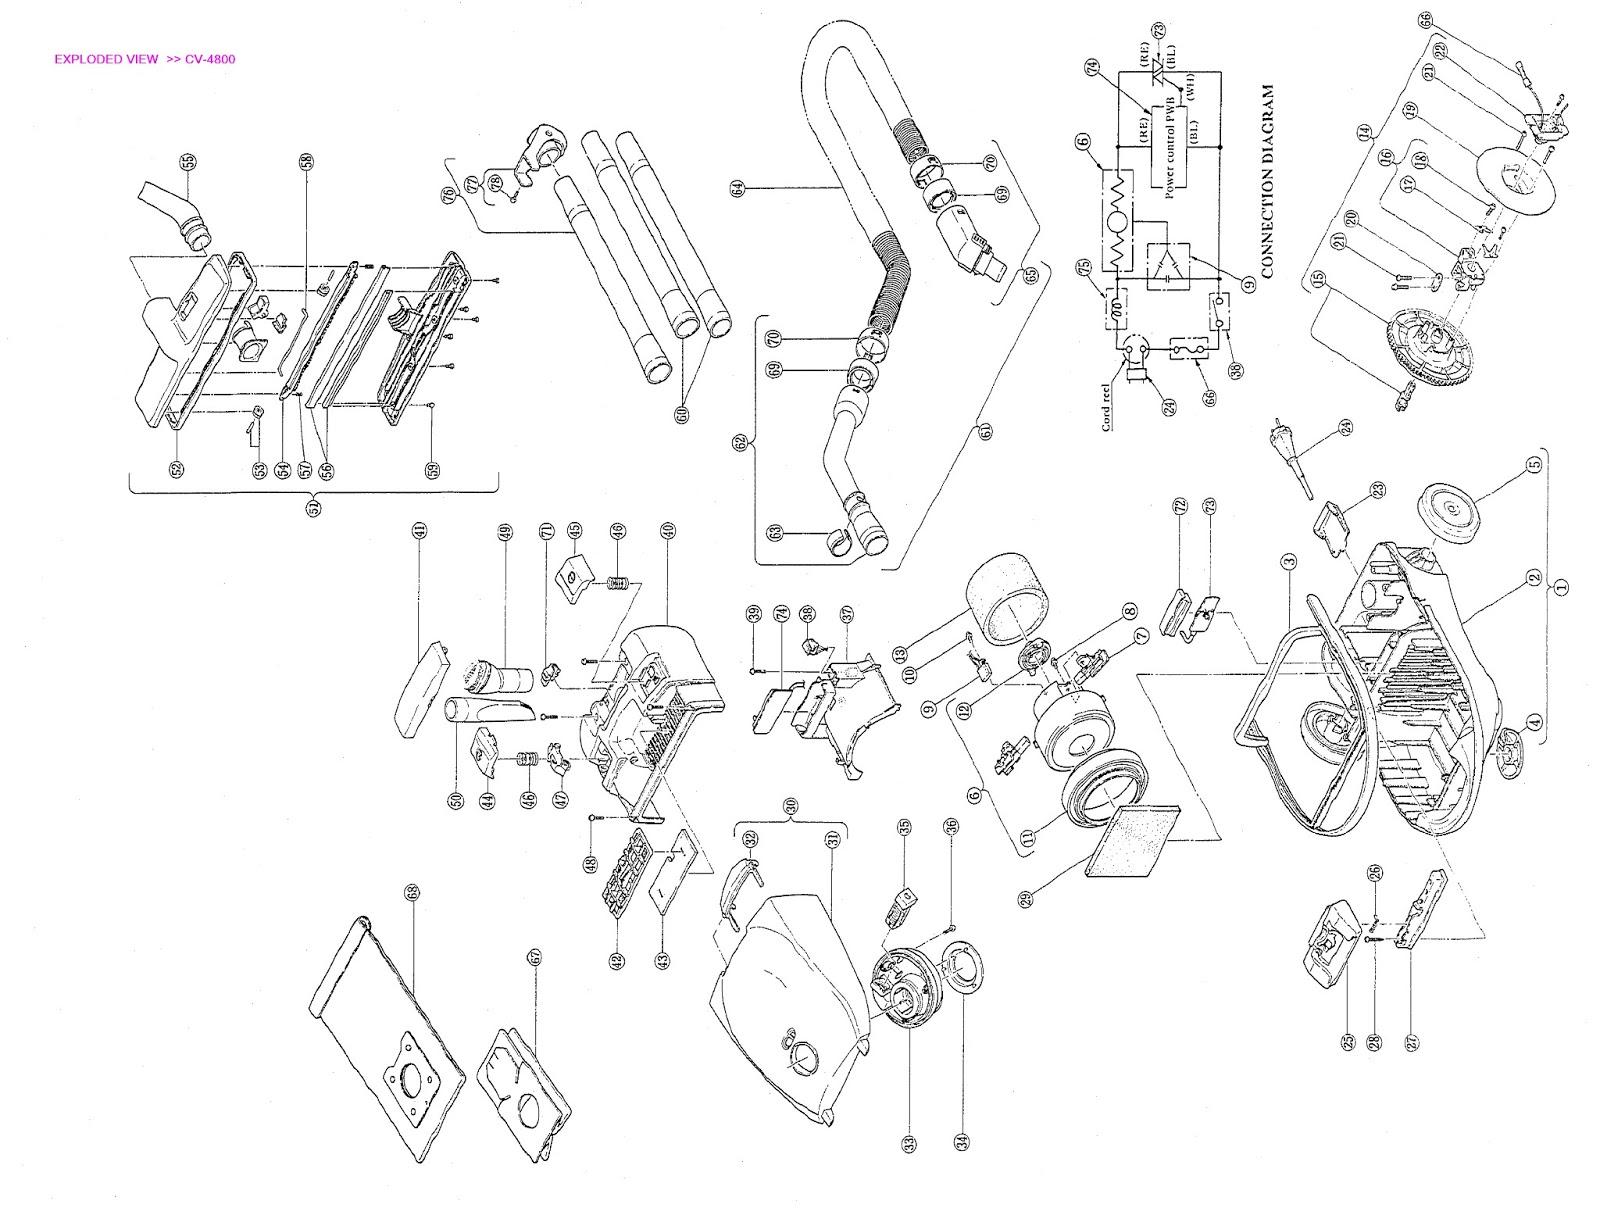 27t engine diagram